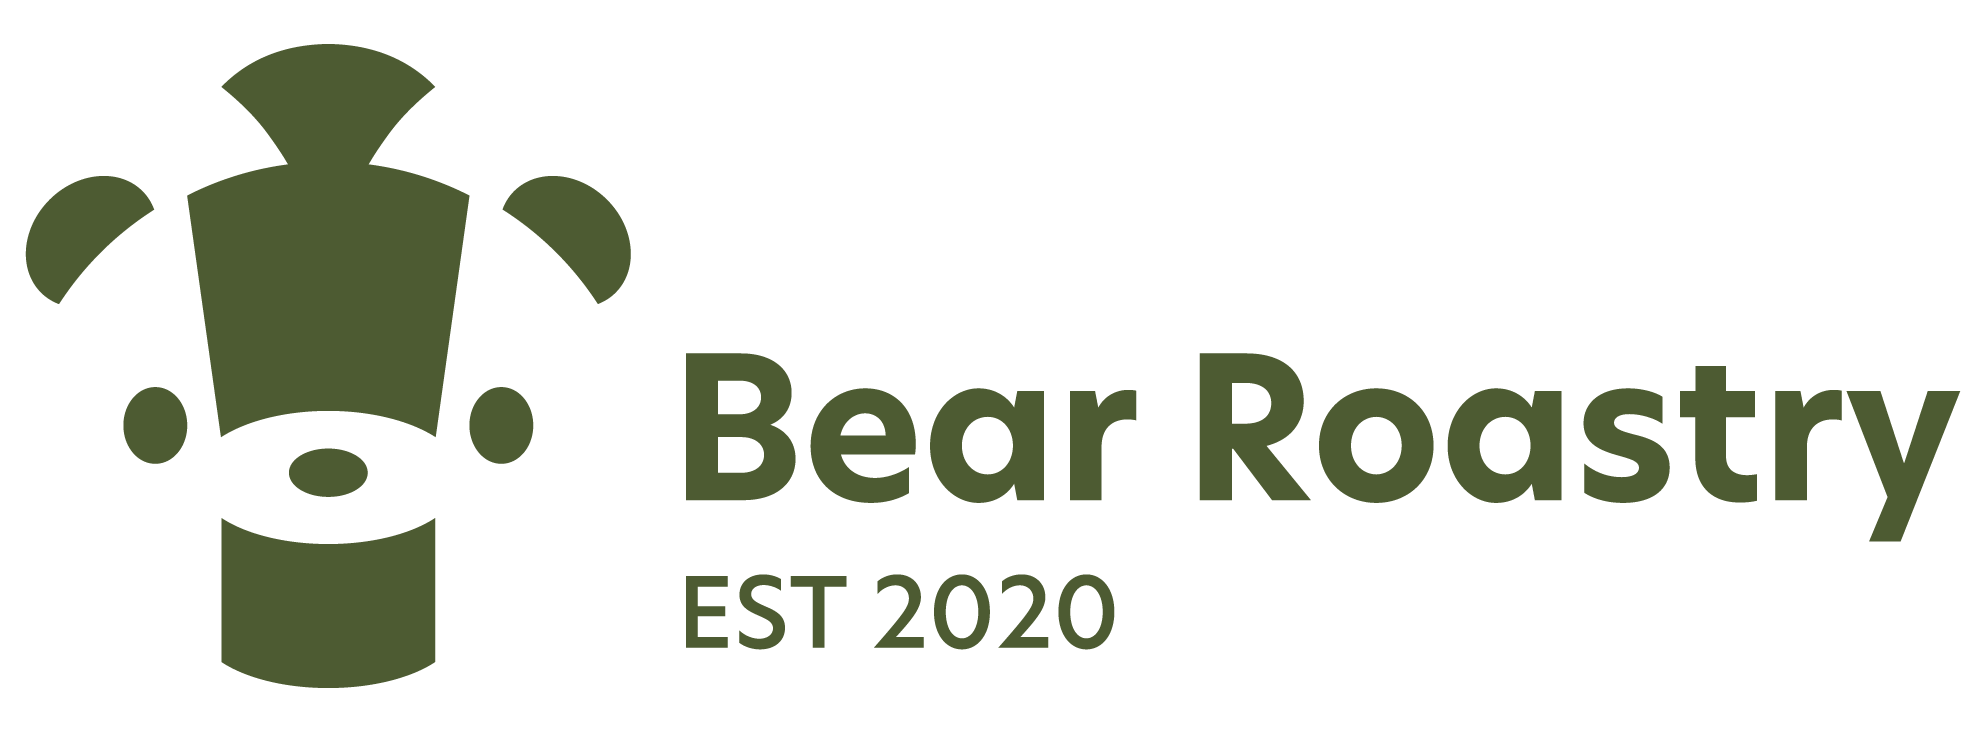 Bear Roastry